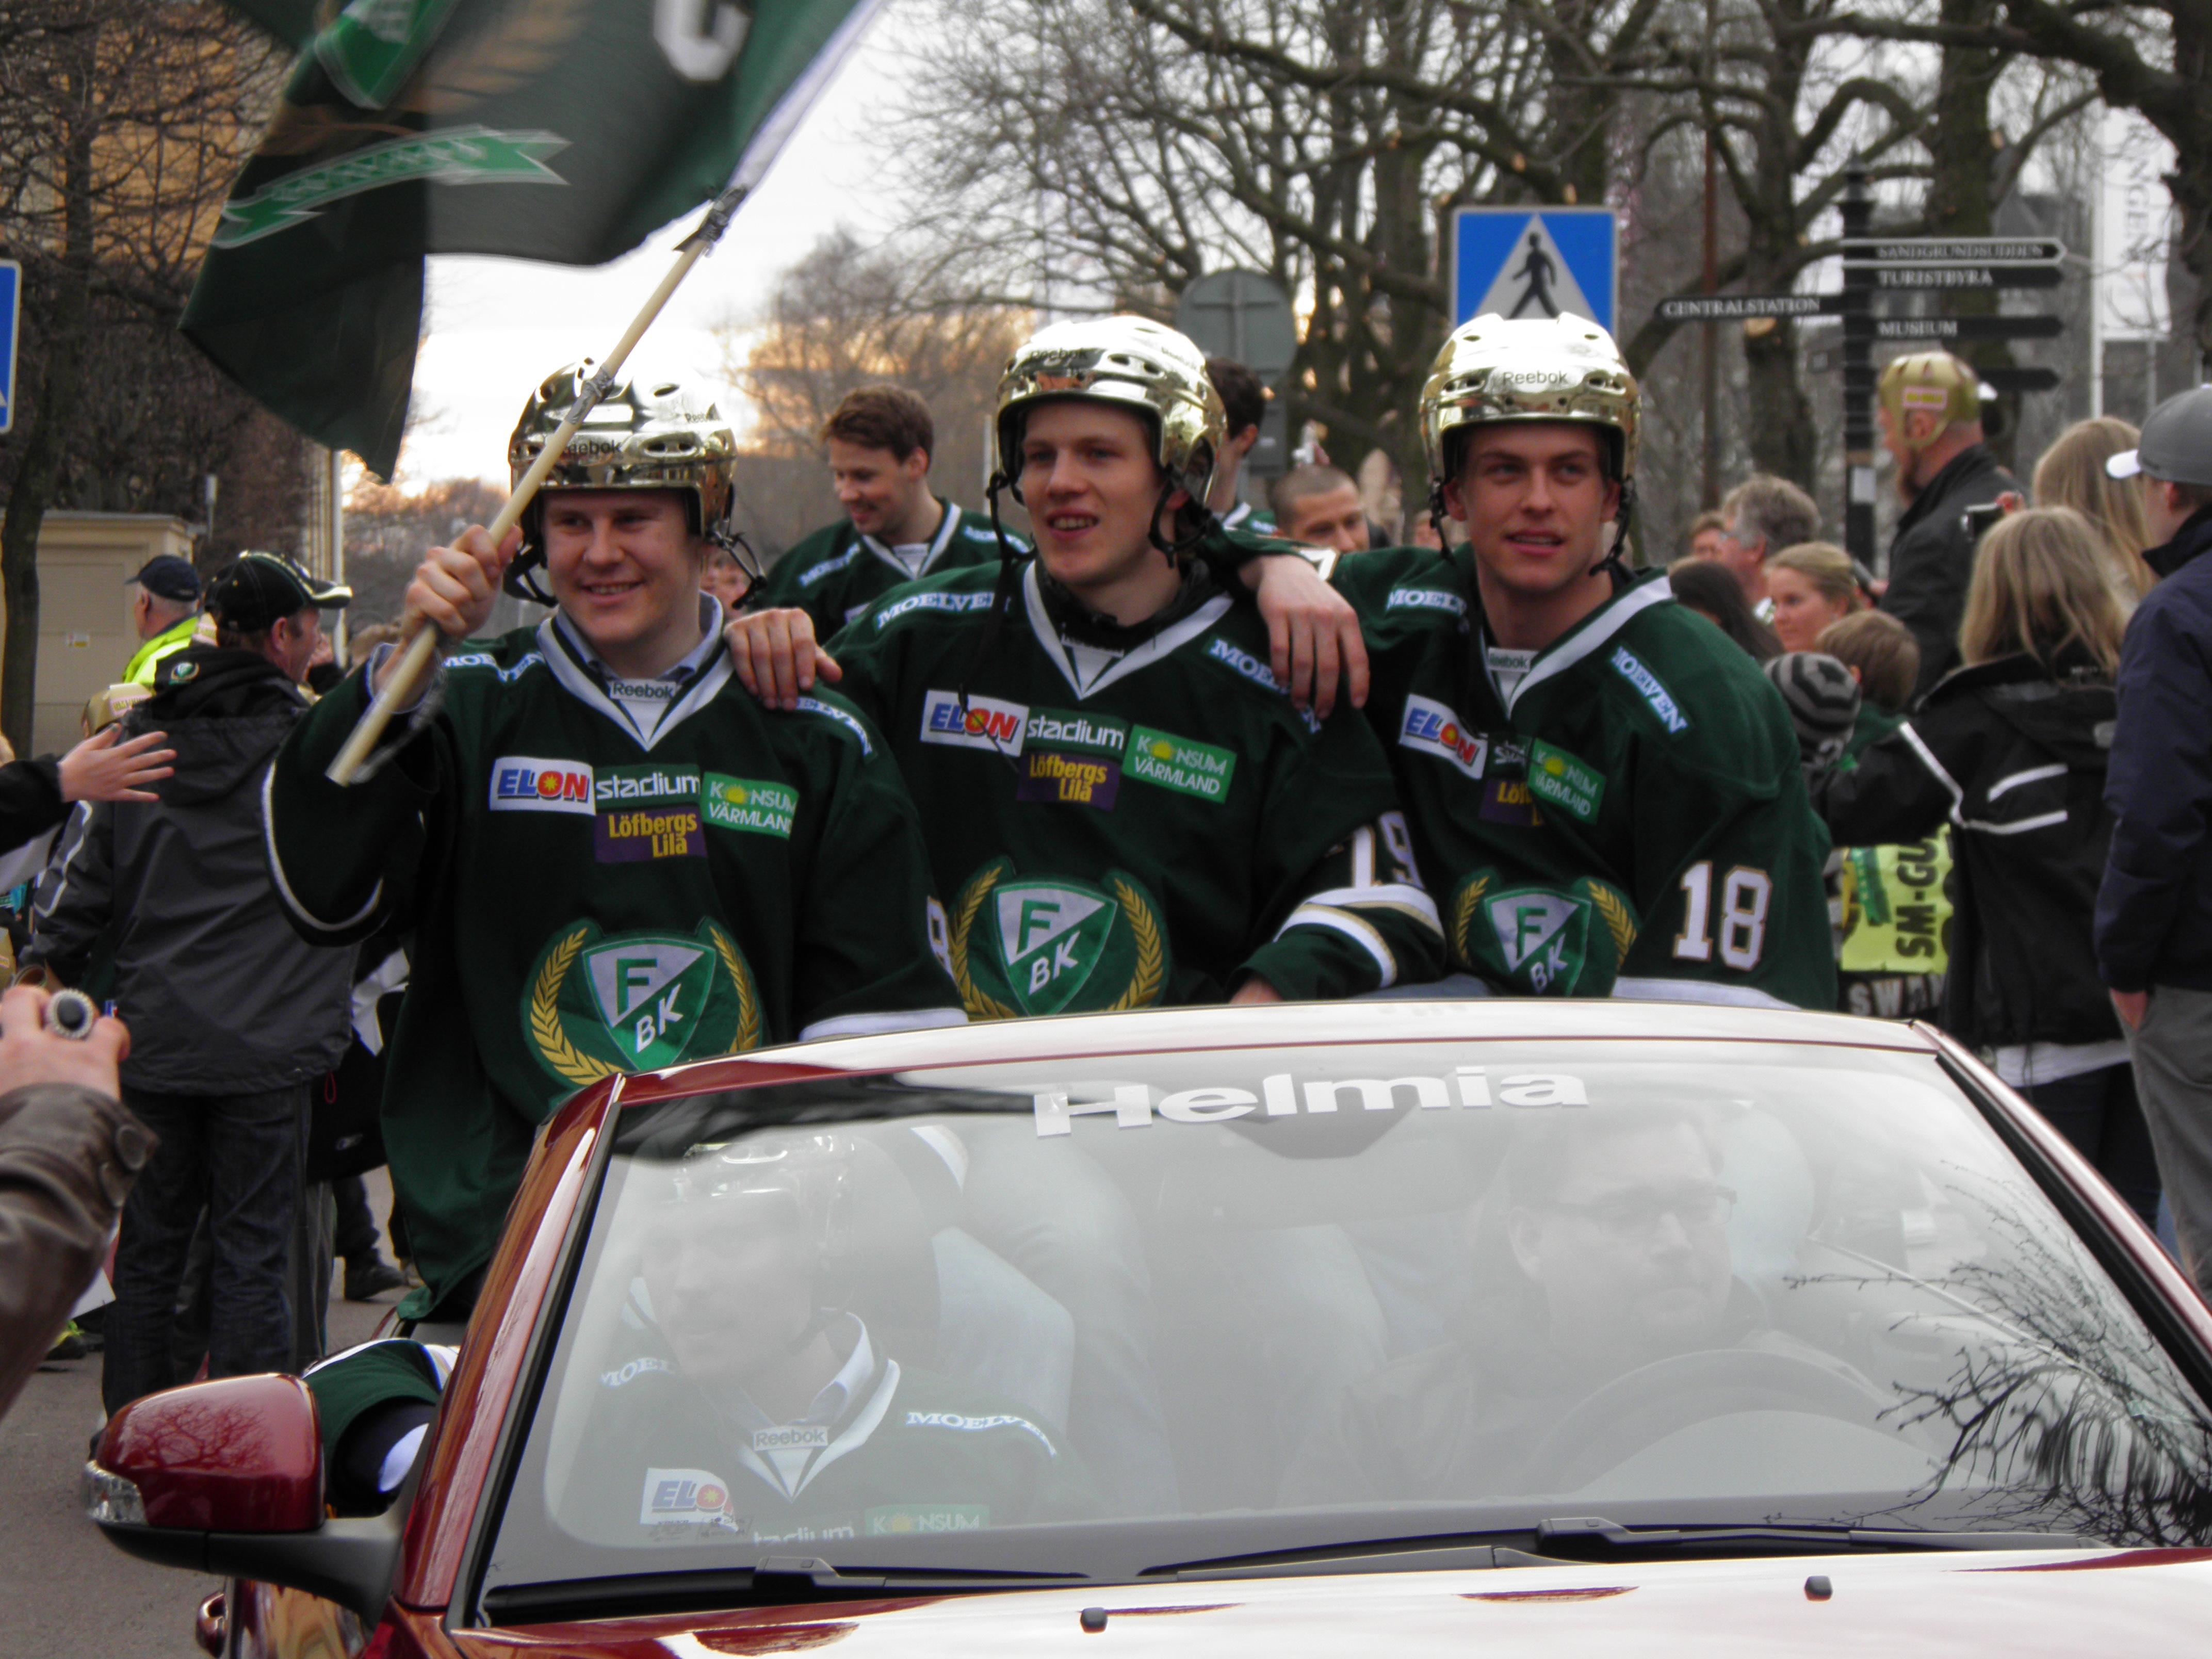 Det drar ihop sig till slutspel - dags att hämta hem guldet till Karlstad igen? Foto: Marie Angle/fbkbloggen